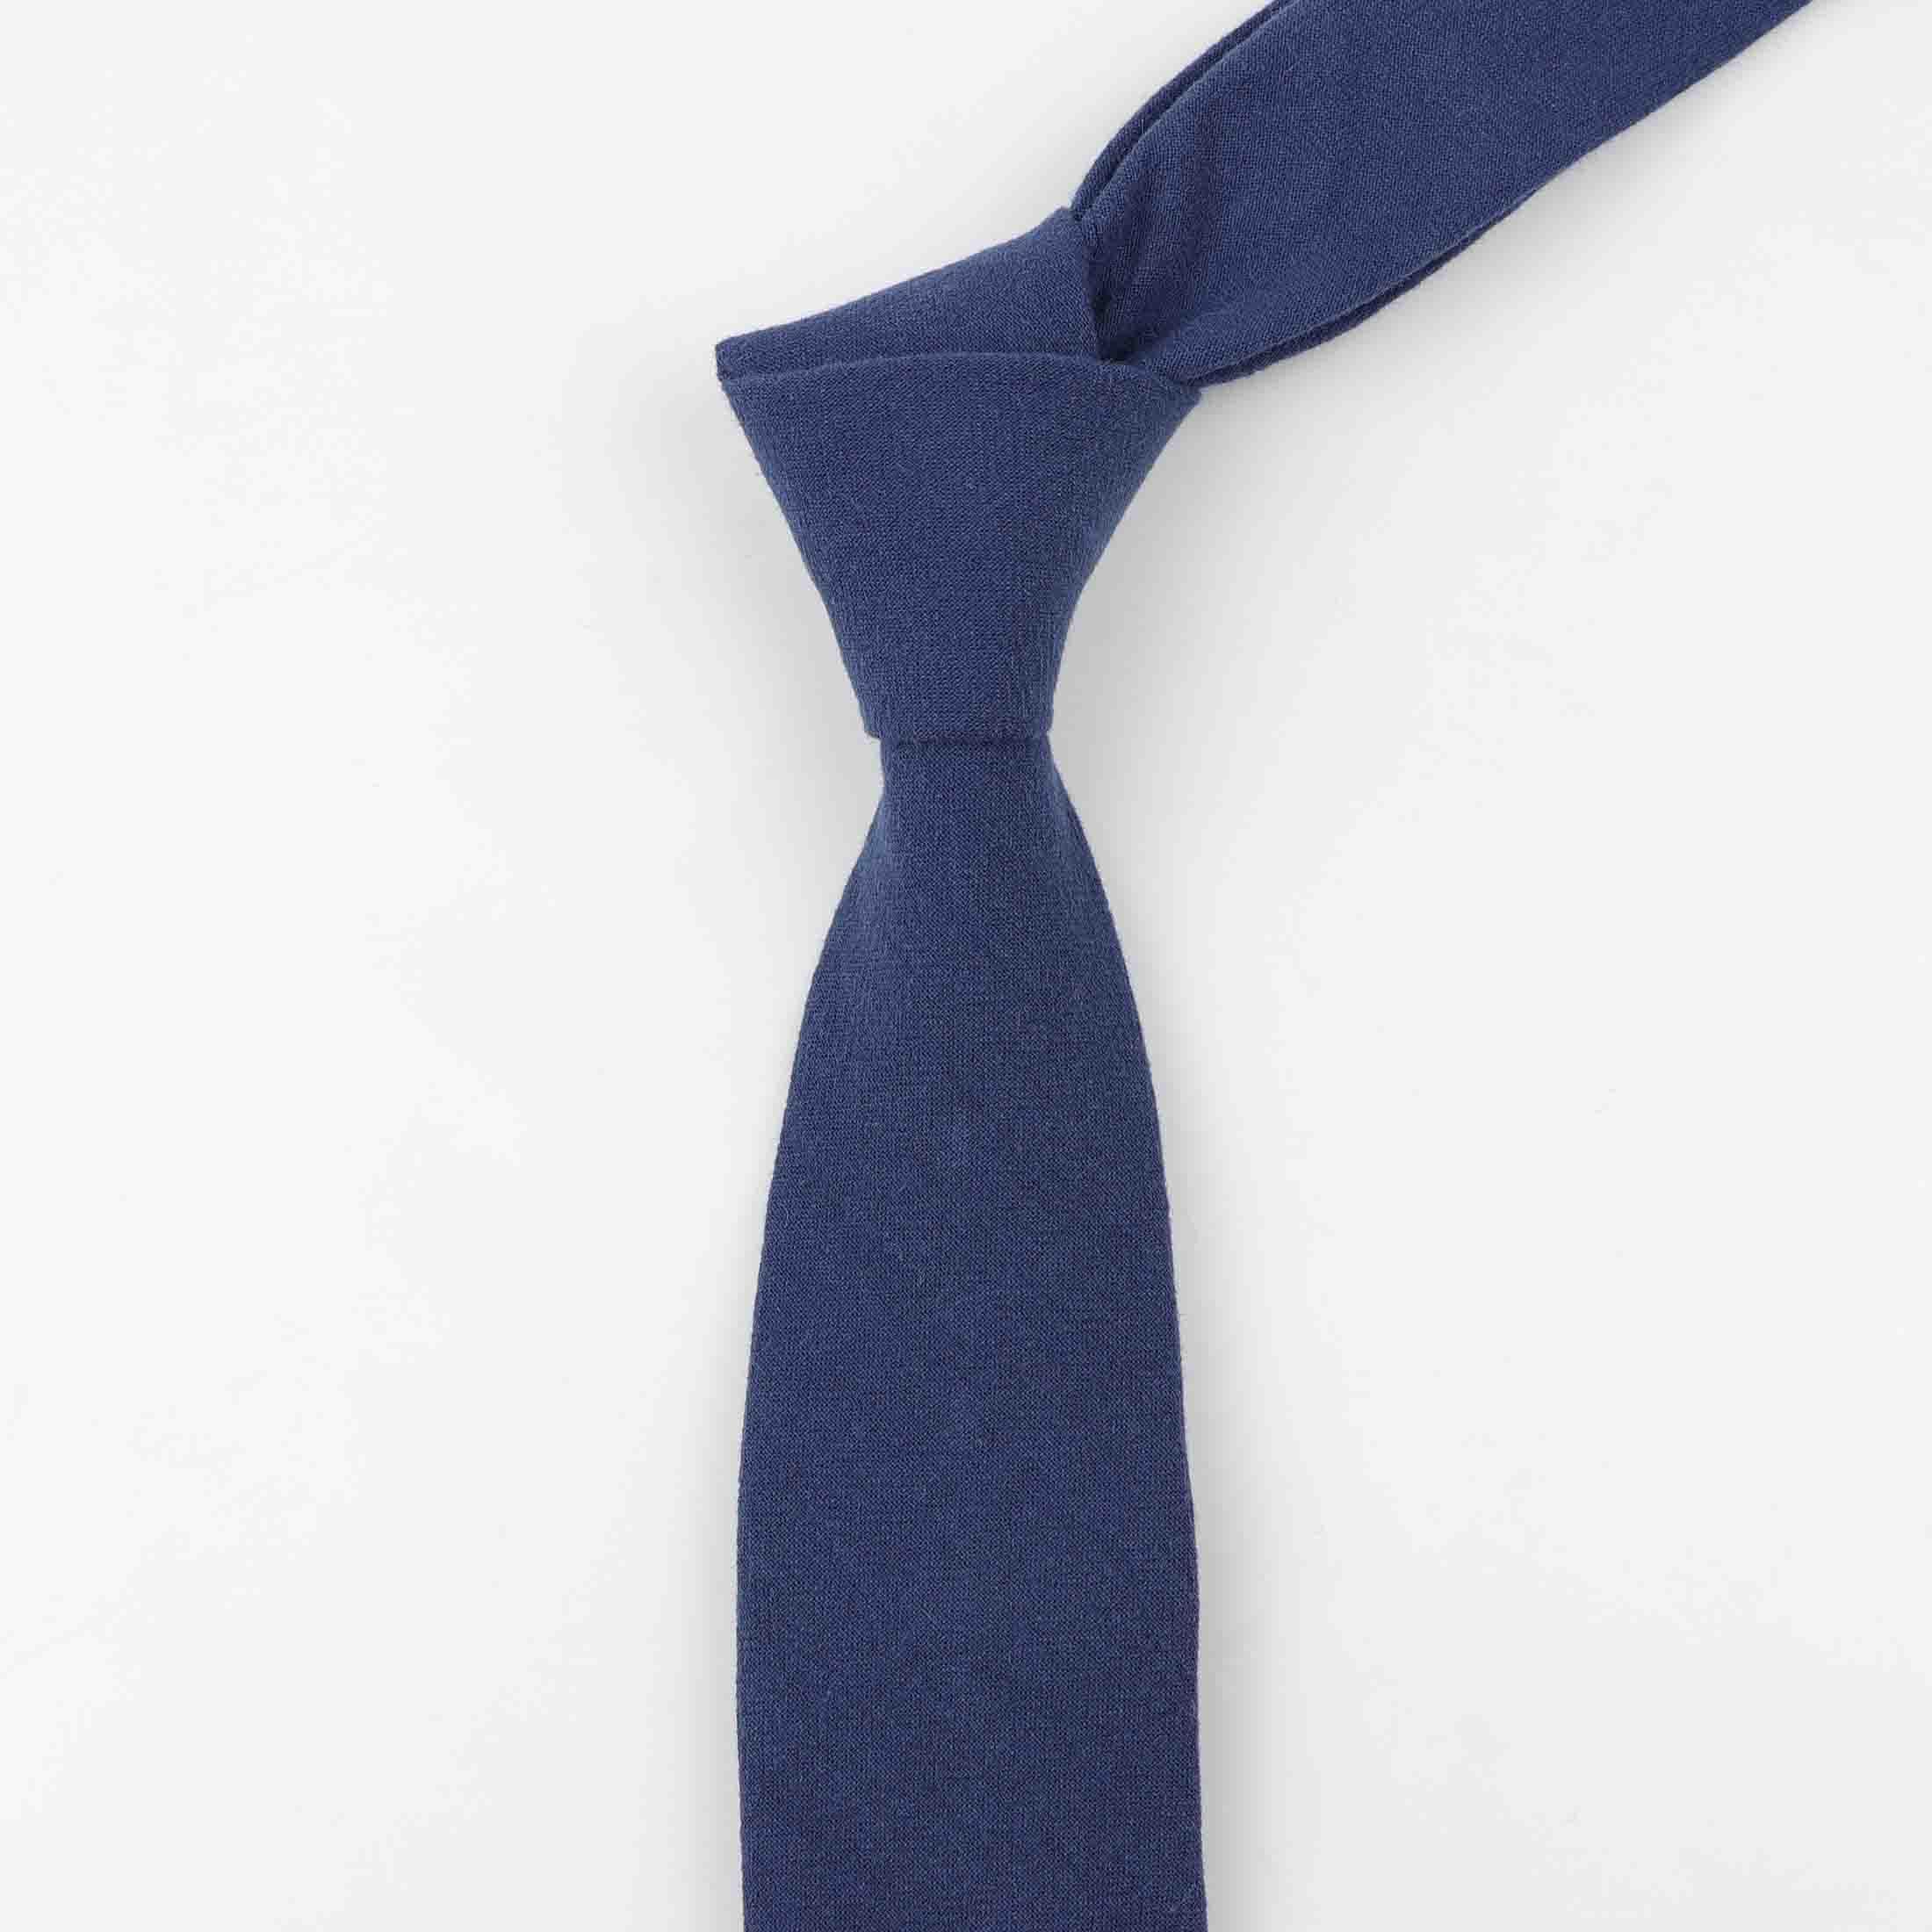 Хлопковые галстуки высокого качества мужской однотонный галстук узкий галстук тонкий галстук узкий толстый галстук